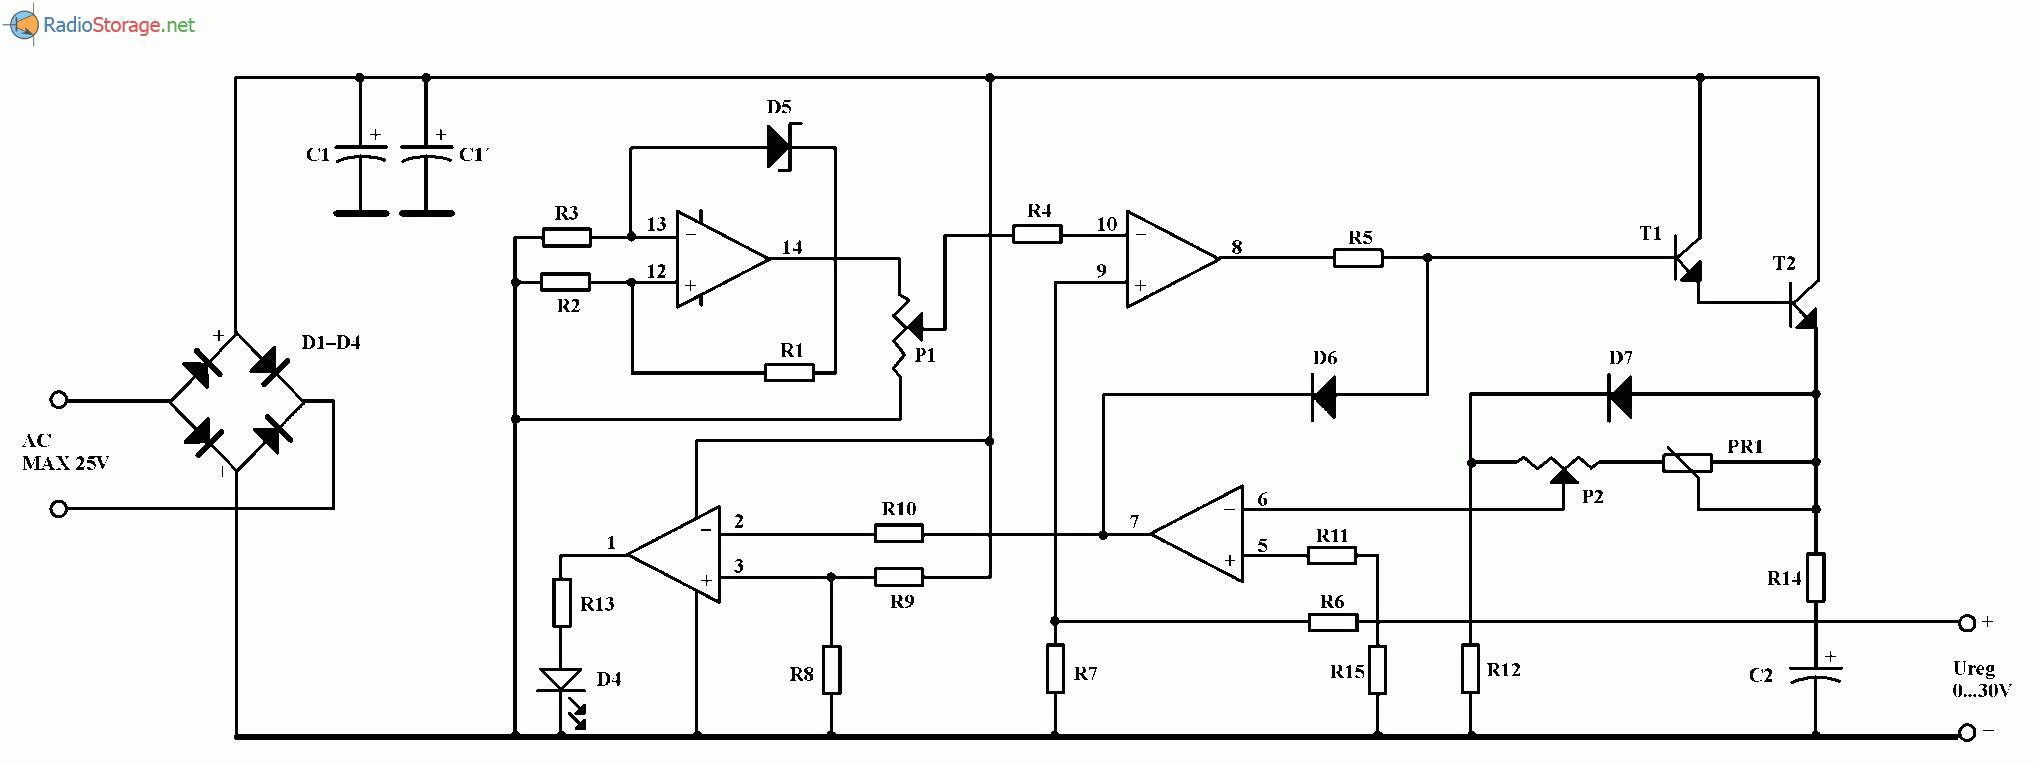 Лабораторный источник питания на микросхеме LM324 (0-30 В, 1 А), схема